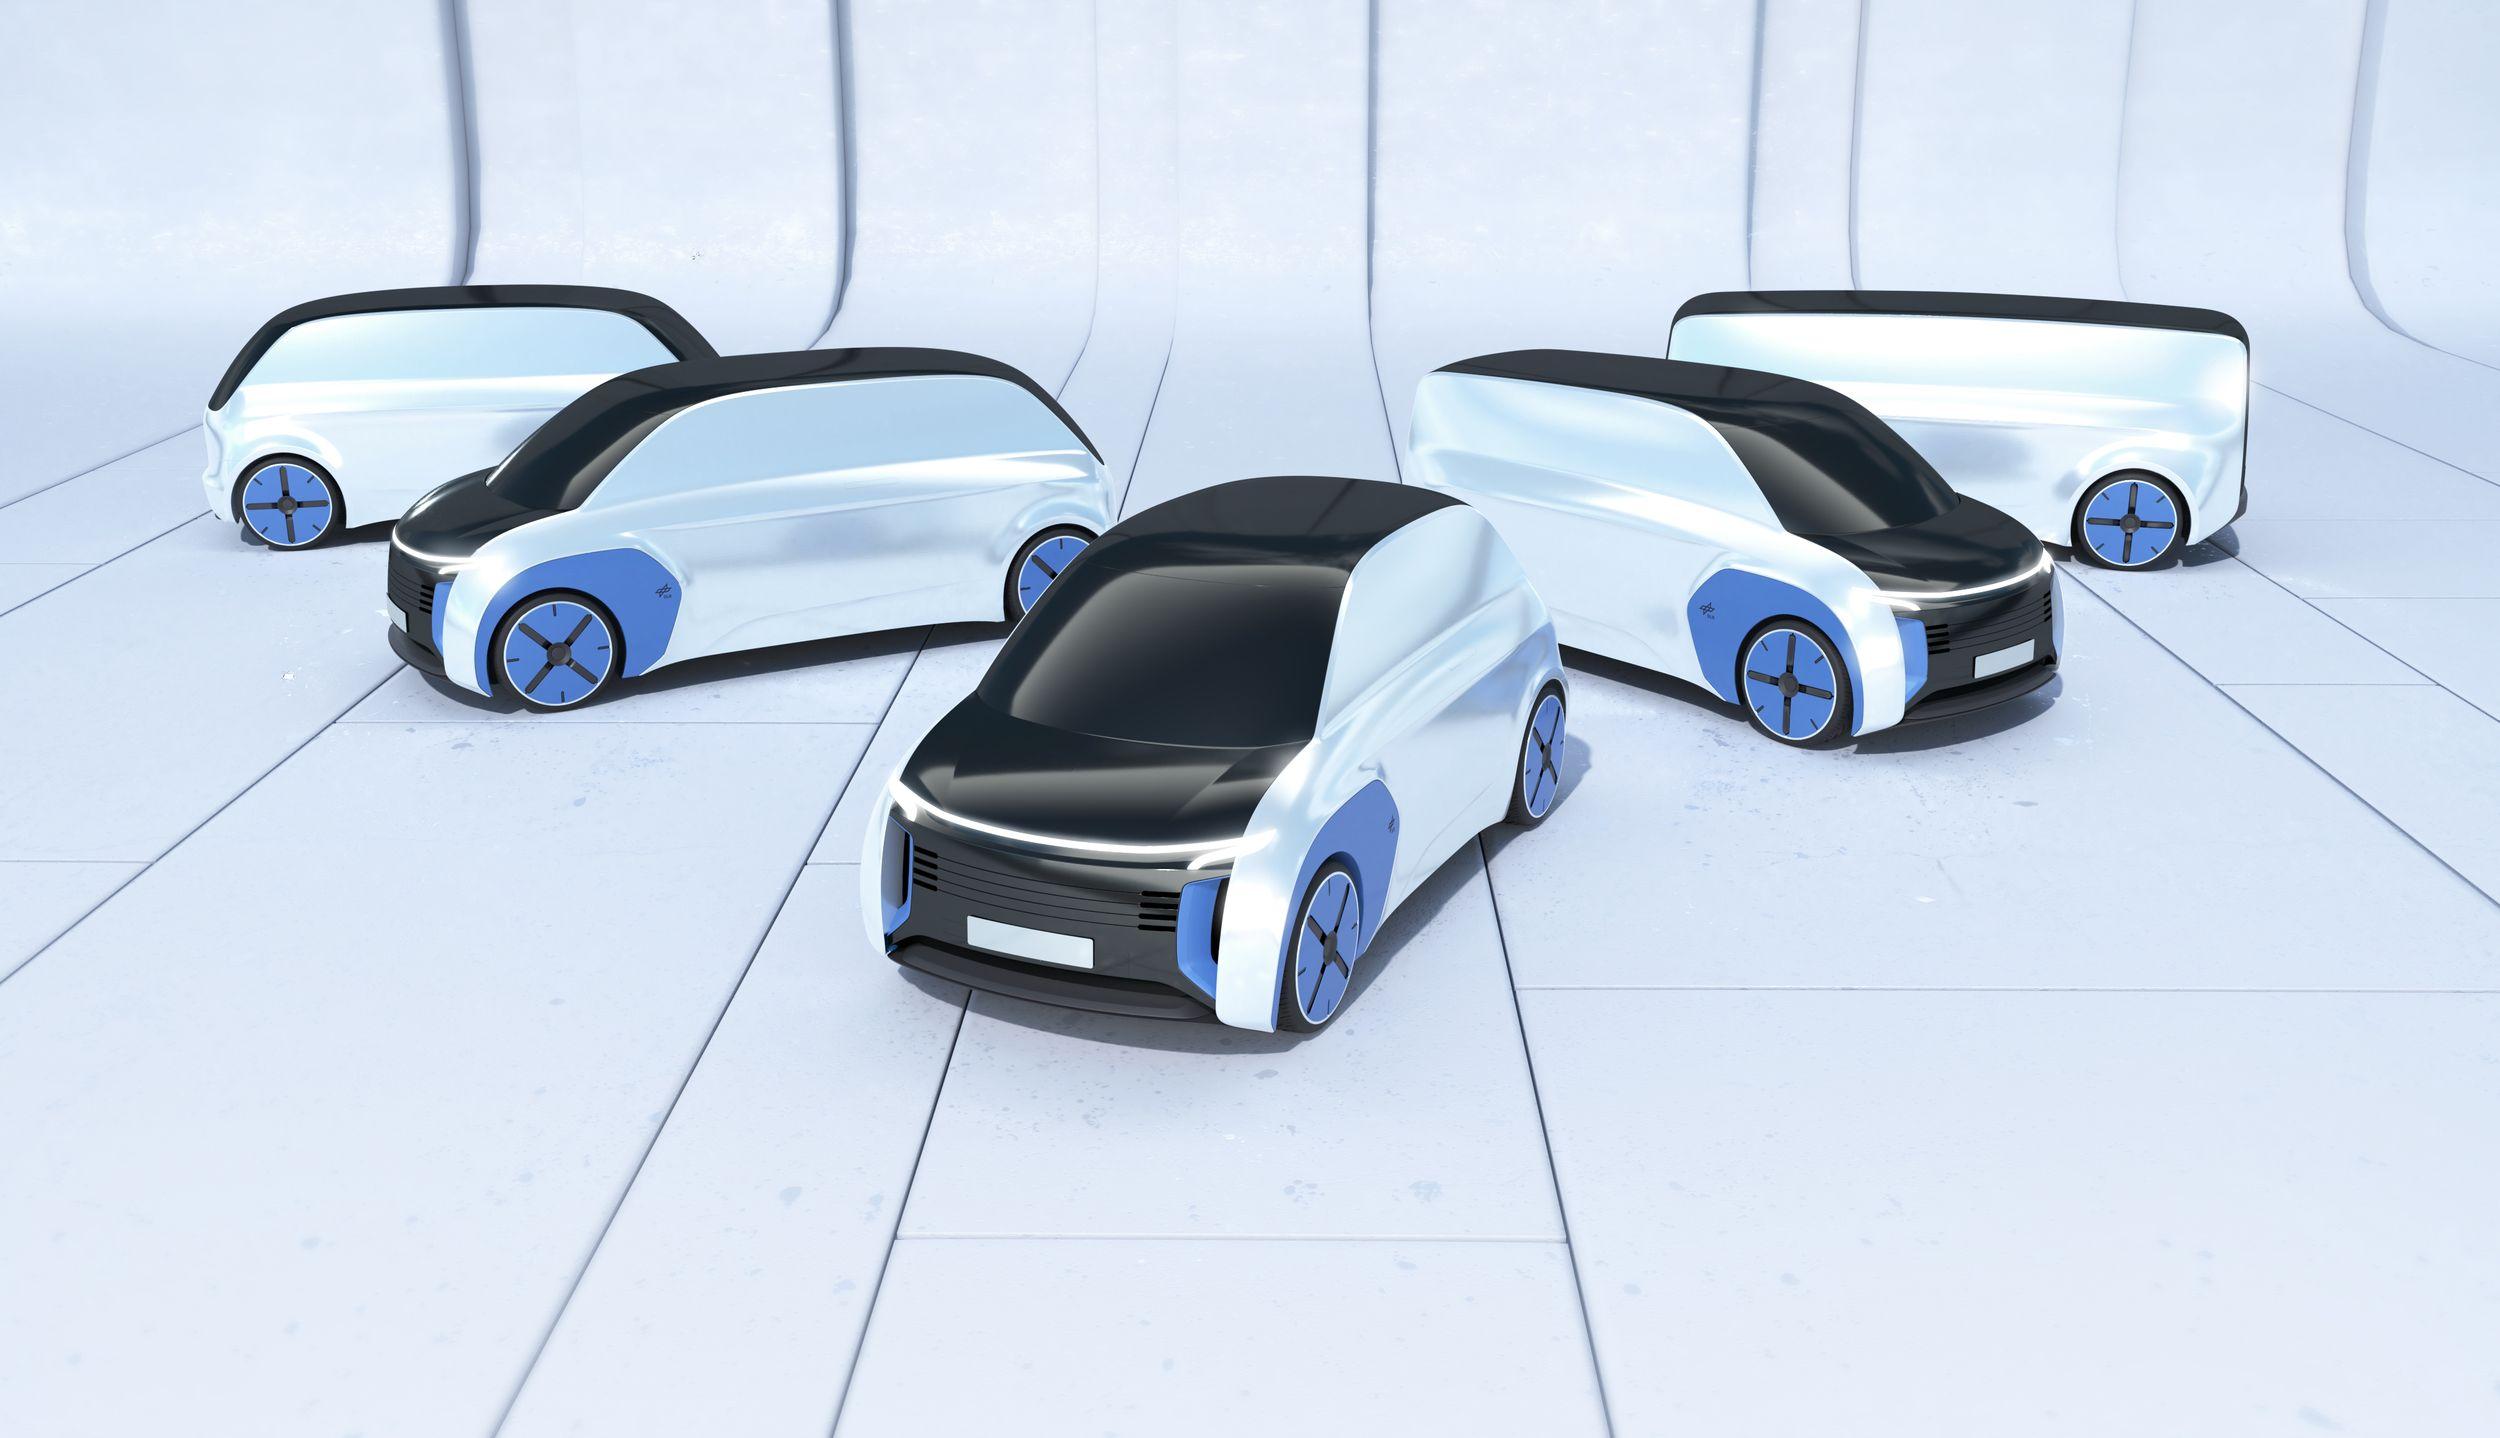 Next Generation Car: Das Fahrzeug der Zukunft ist modular - Die Idee ist, mehrere Fahrzeuge vom Kleinwagen bis hin zum Peoplemover zu entwickeln, ... (Bild: DLR)